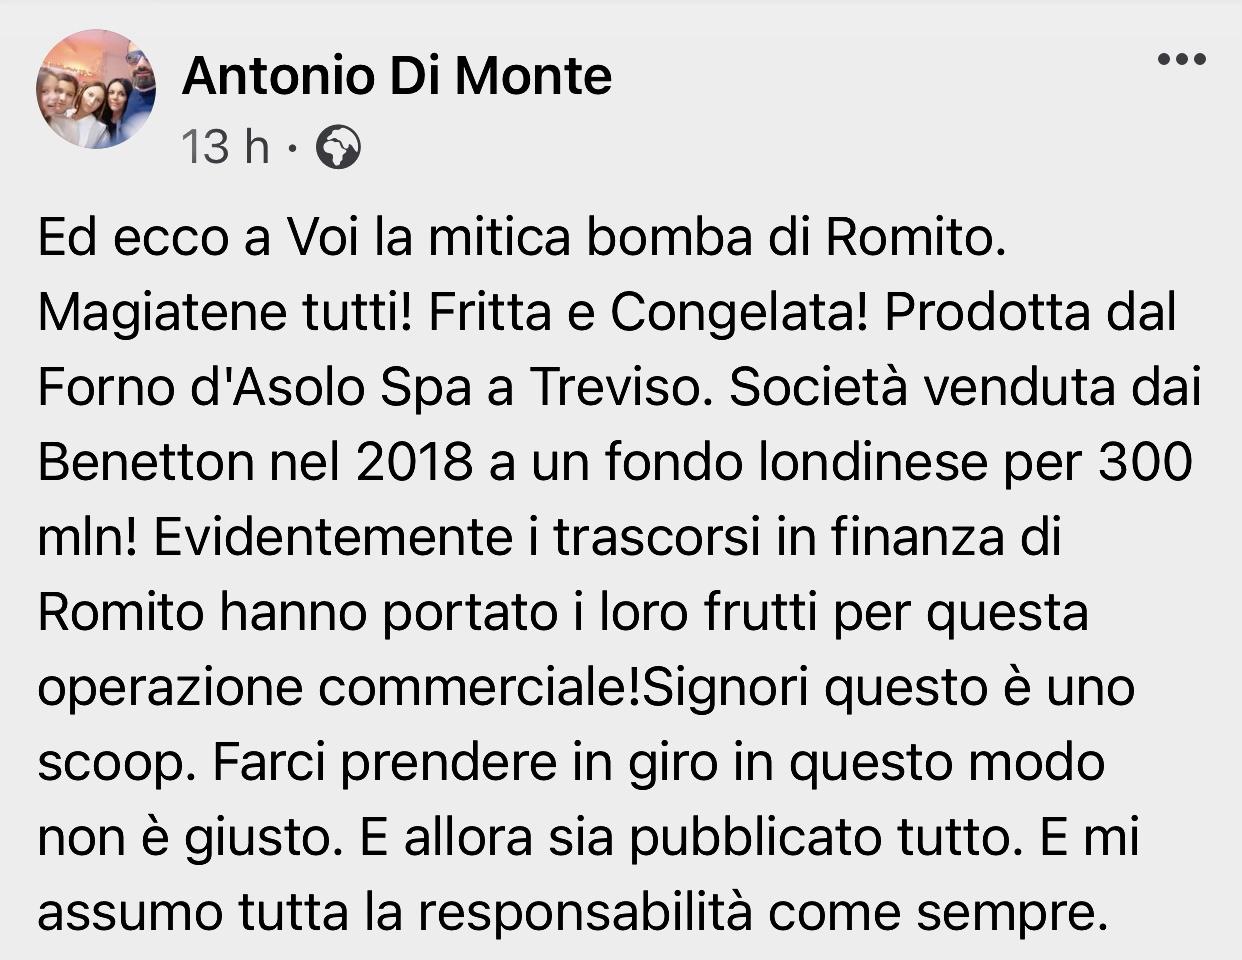 Bomba Niko Romito